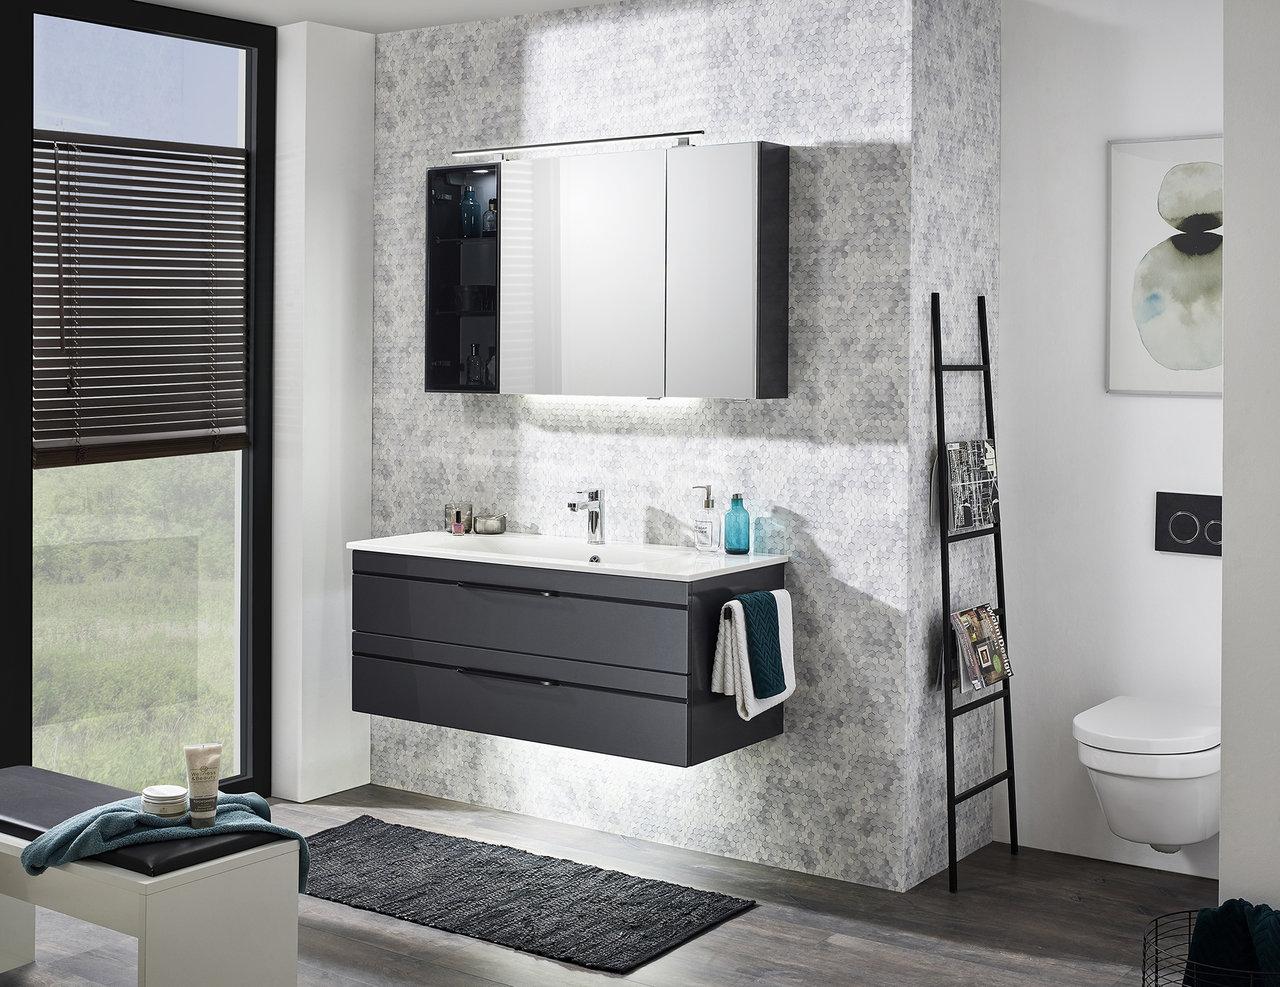 Badmöbel Set 20cm Waschtisch, Unterschrank, Spiegelschrank ...